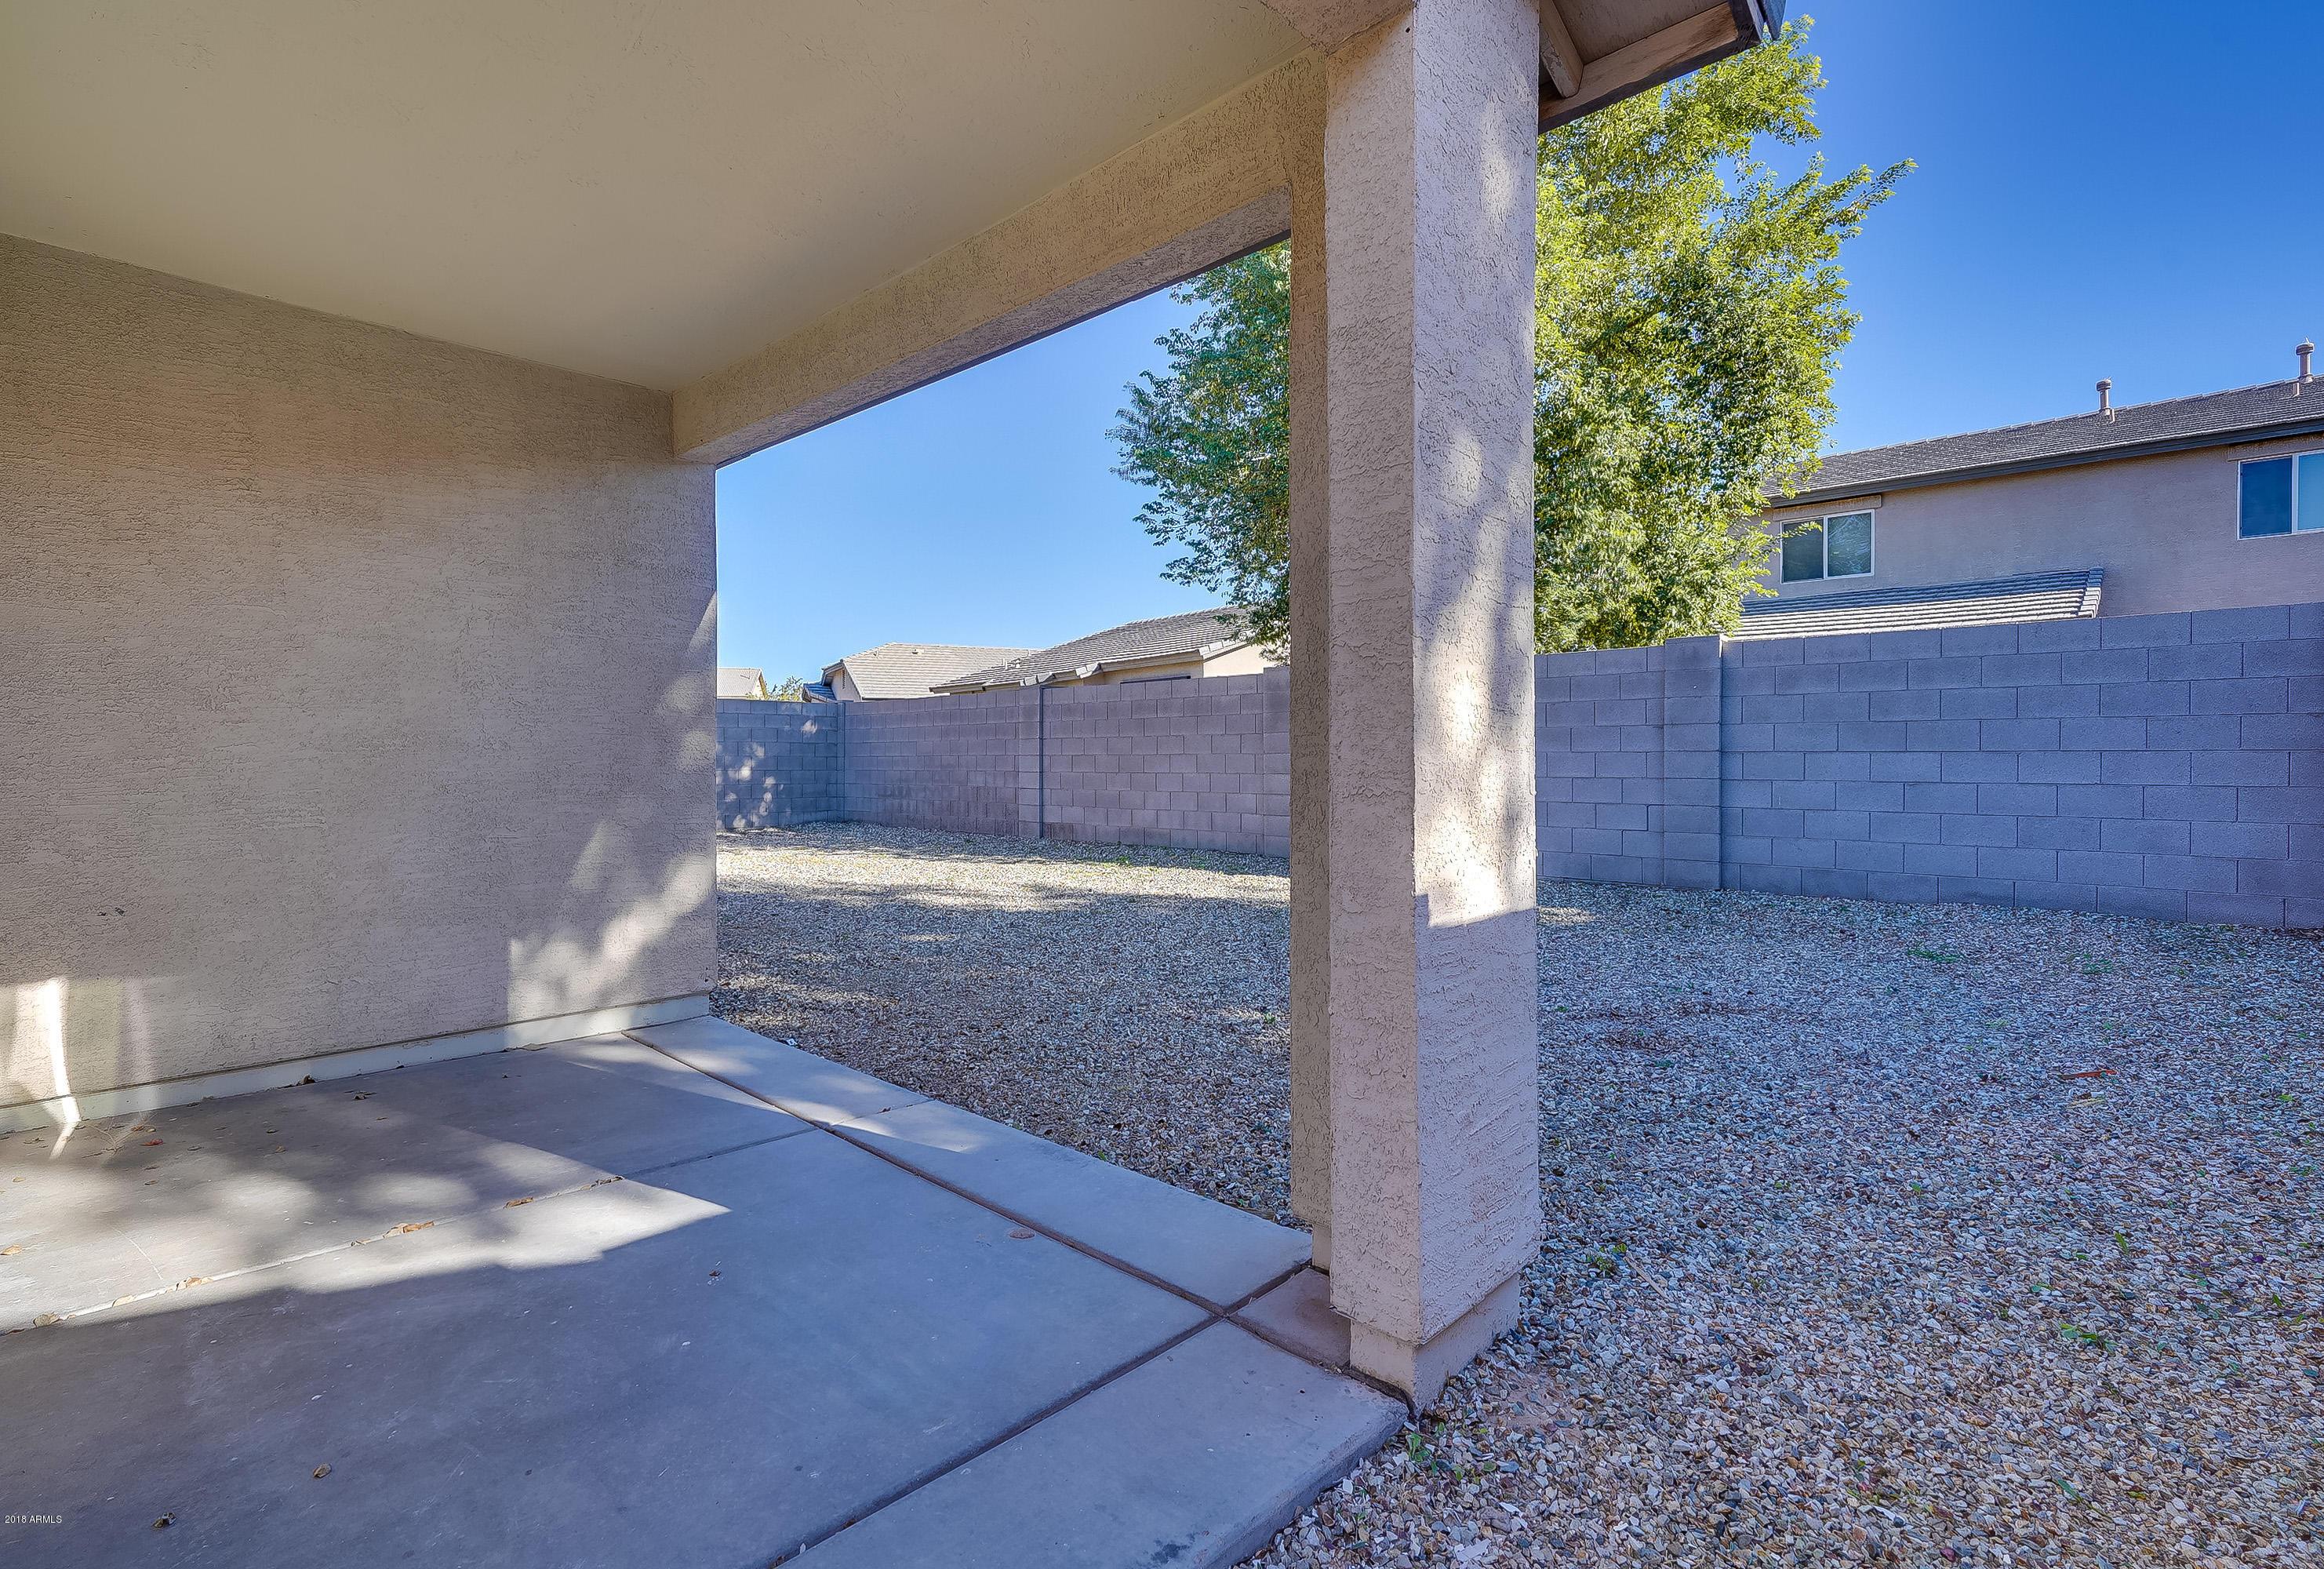 MLS 5847159 11629 W ADAMS Street, Avondale, AZ 85323 Avondale AZ Coldwater Springs